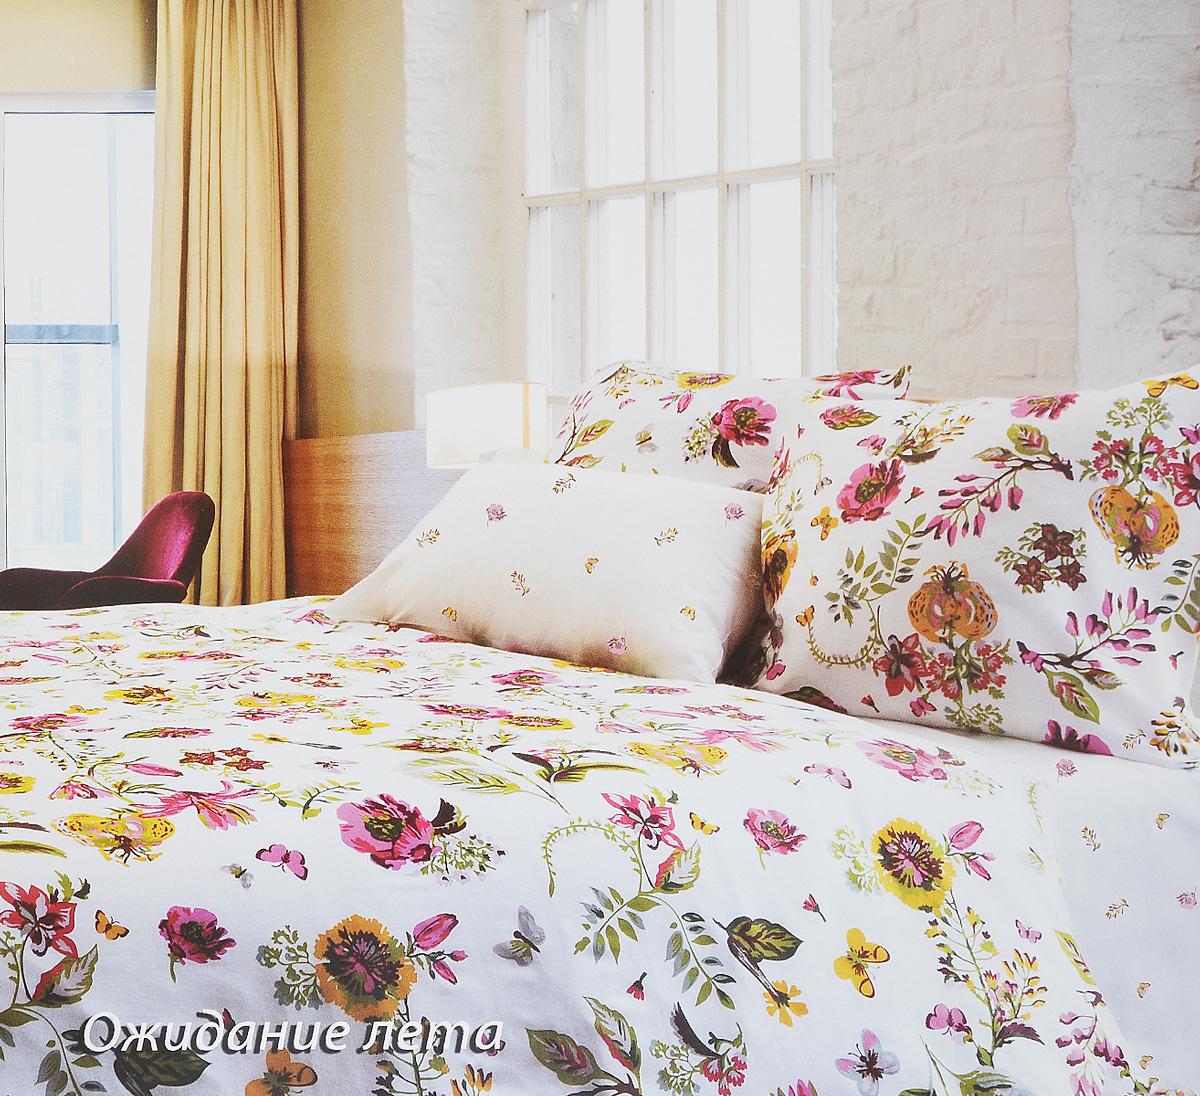 """Комплект белья Tiffany's Secret """"Ожидание лета"""", 1,5-спальный, наволочки 50х70, цвет: белый, розовый, желтый"""